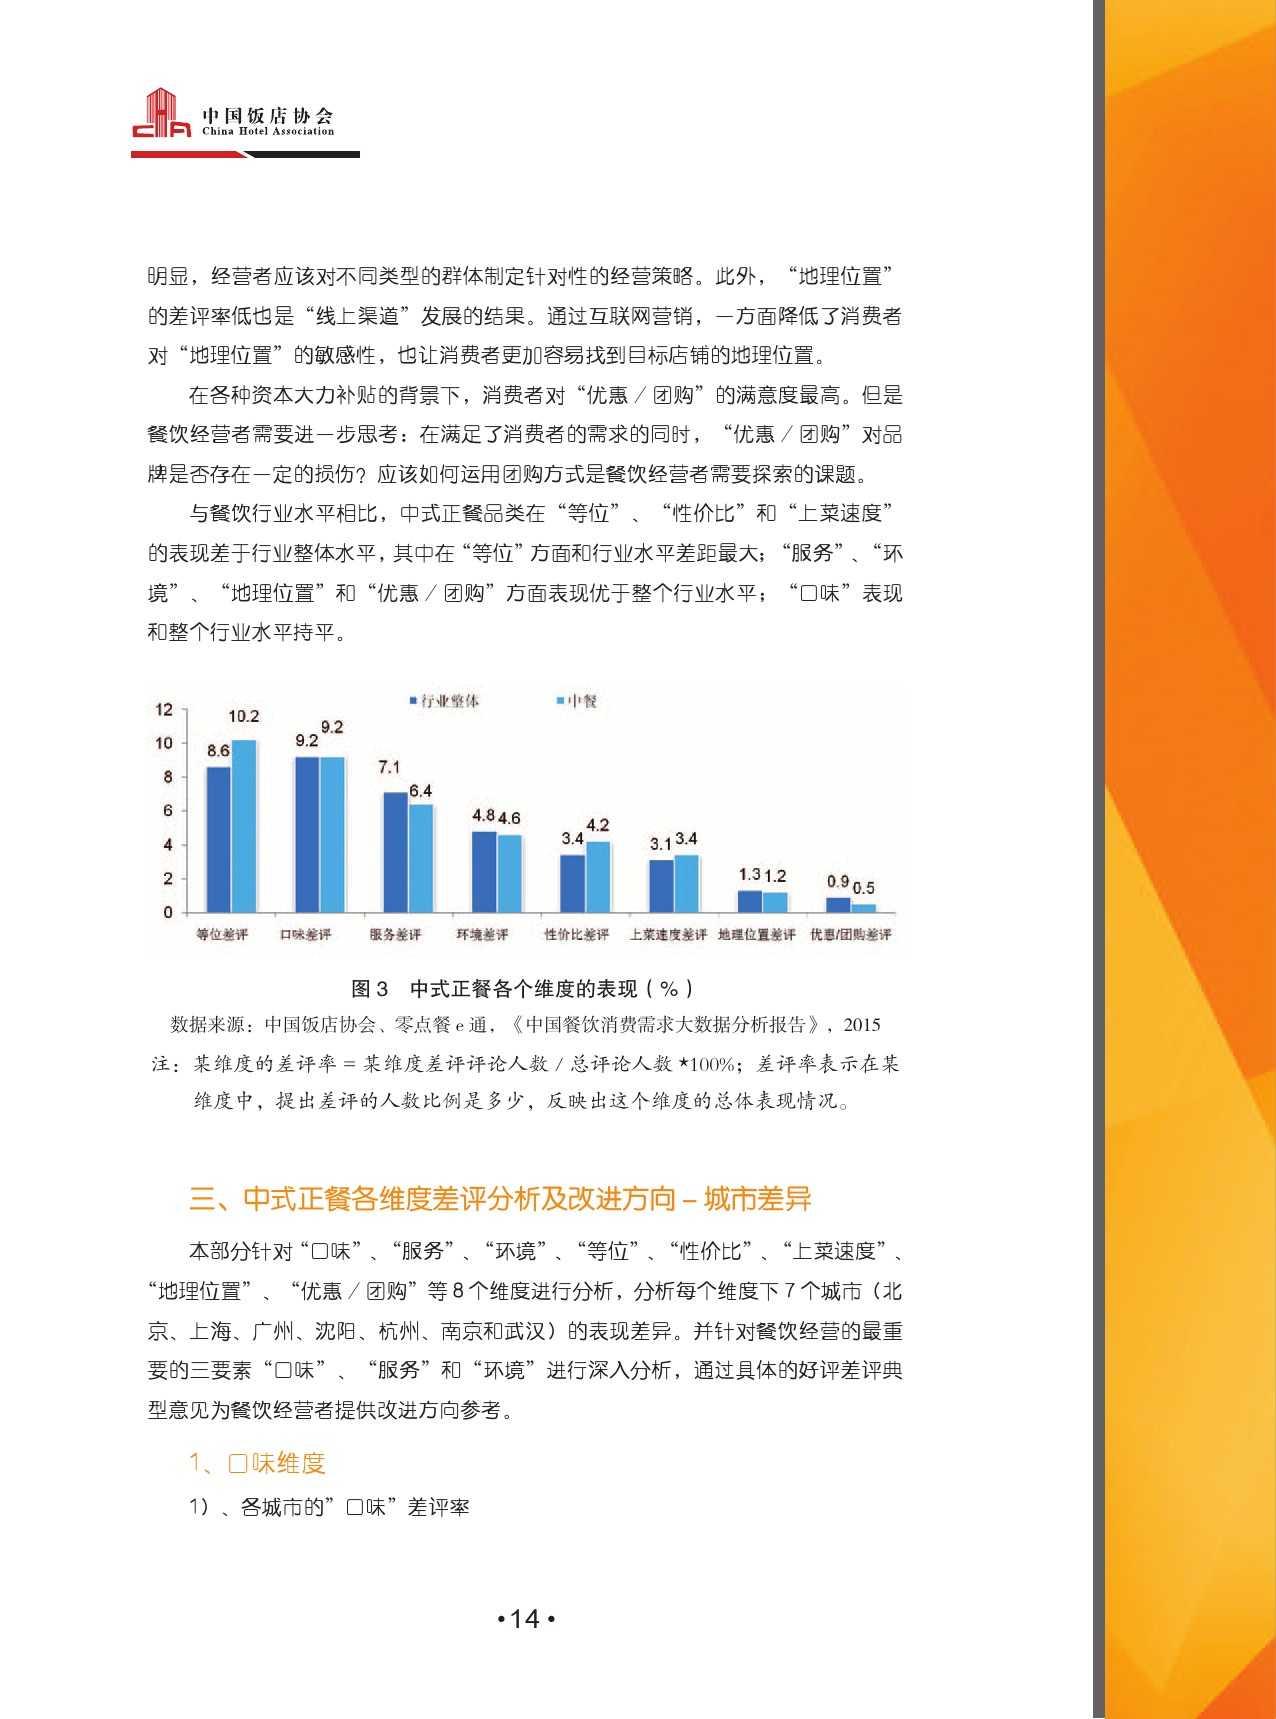 2015中国餐饮消费需求大数据分析报告_000016